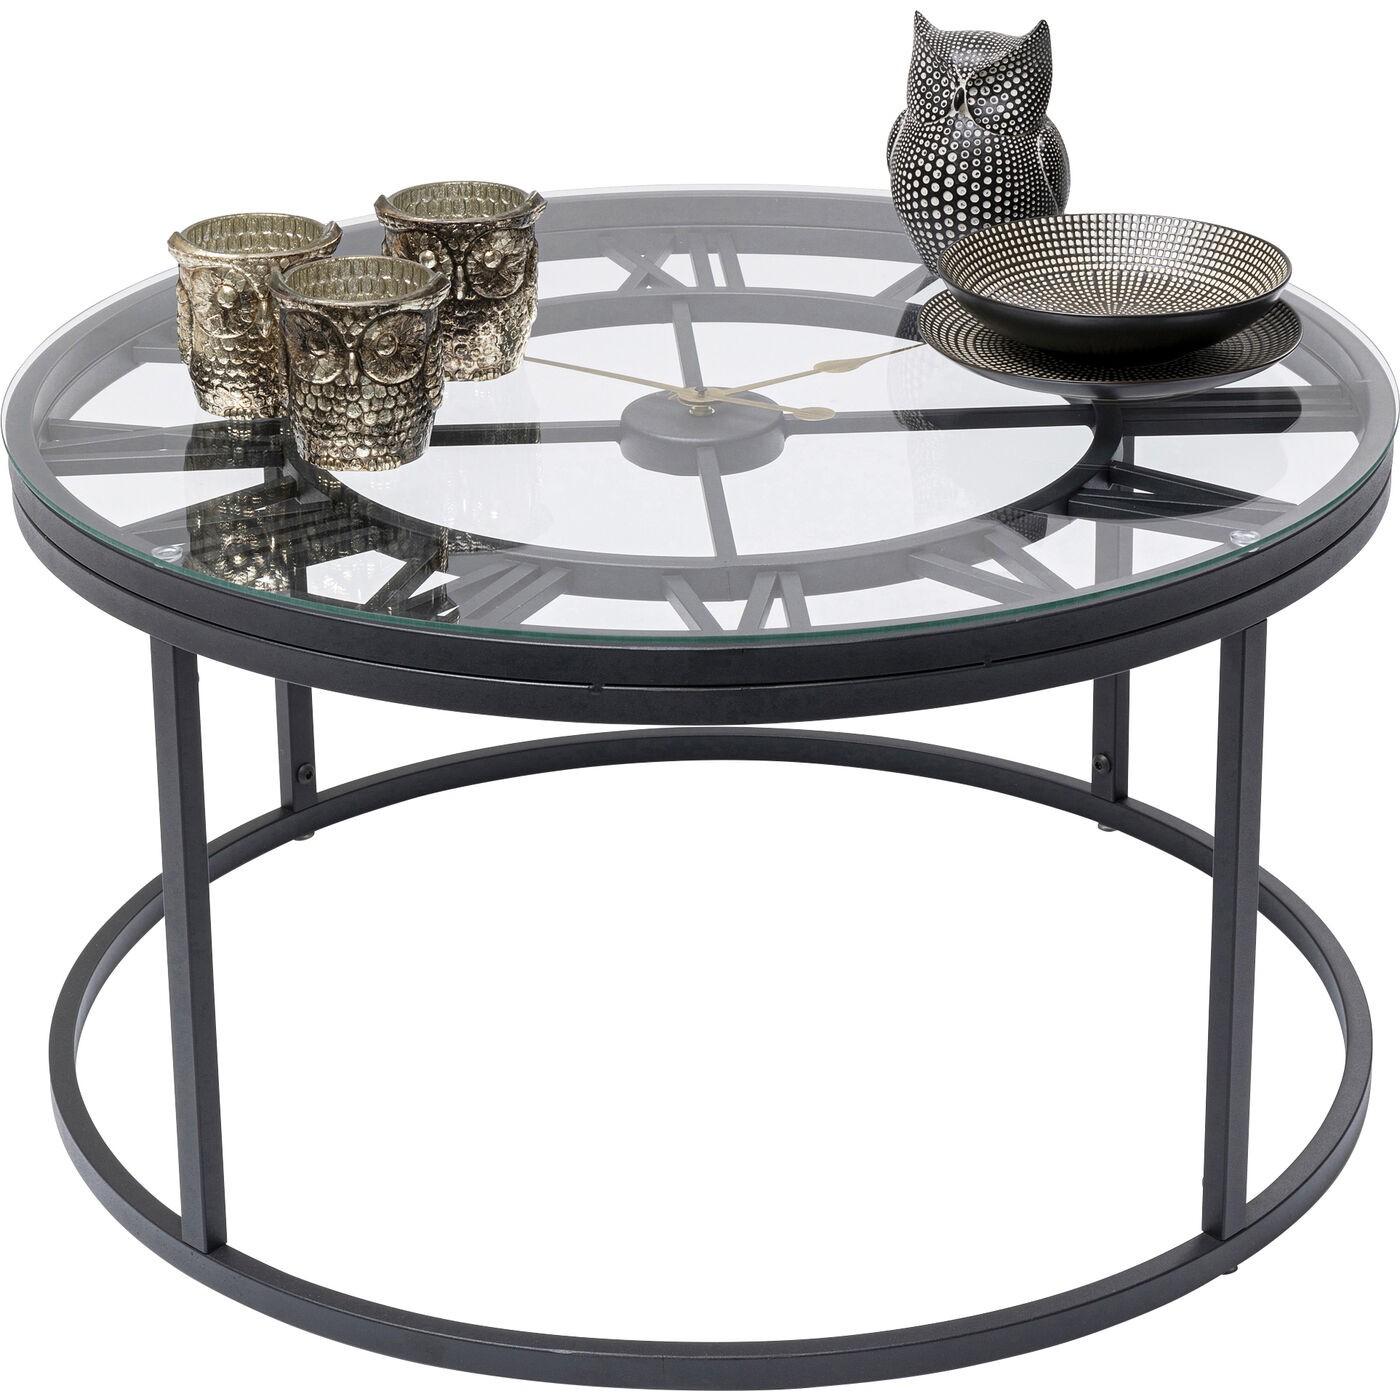 Table basse Roman 76cm noire Kare Design